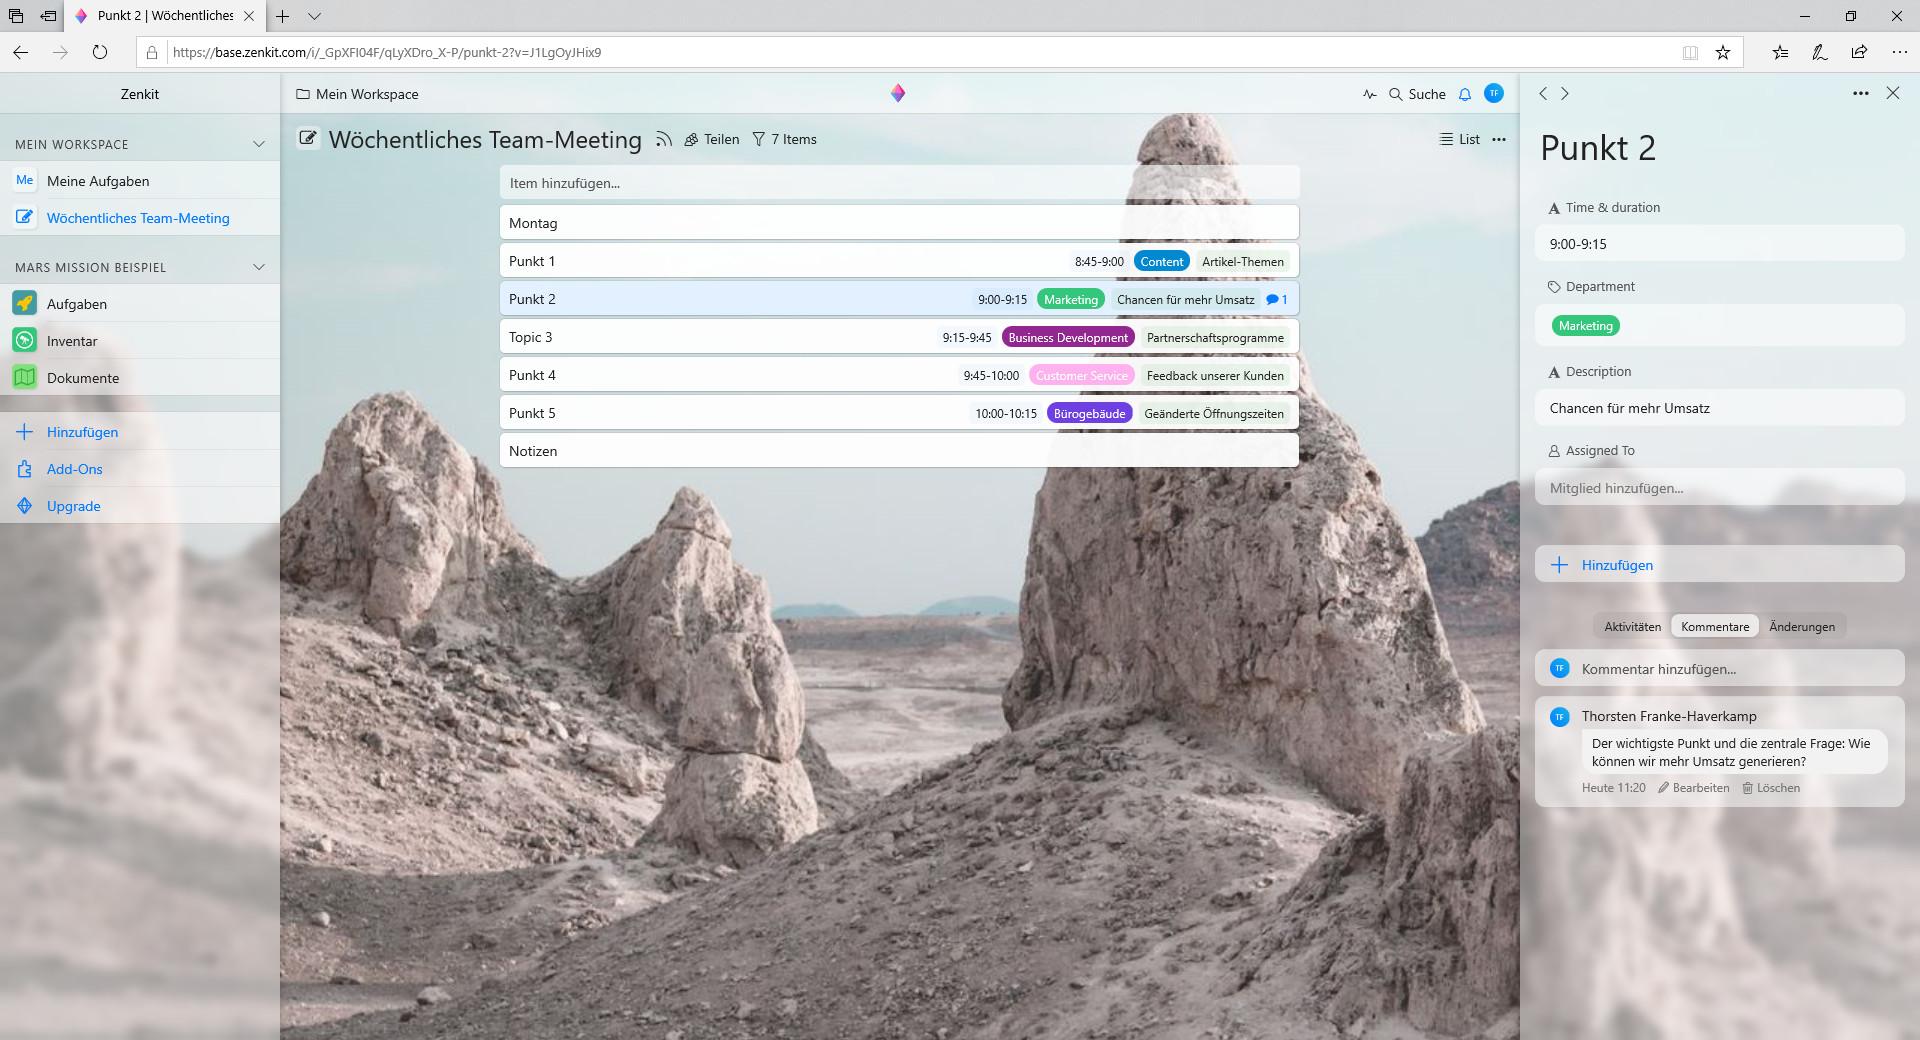 Screenshot 1 - Zenkit To Do